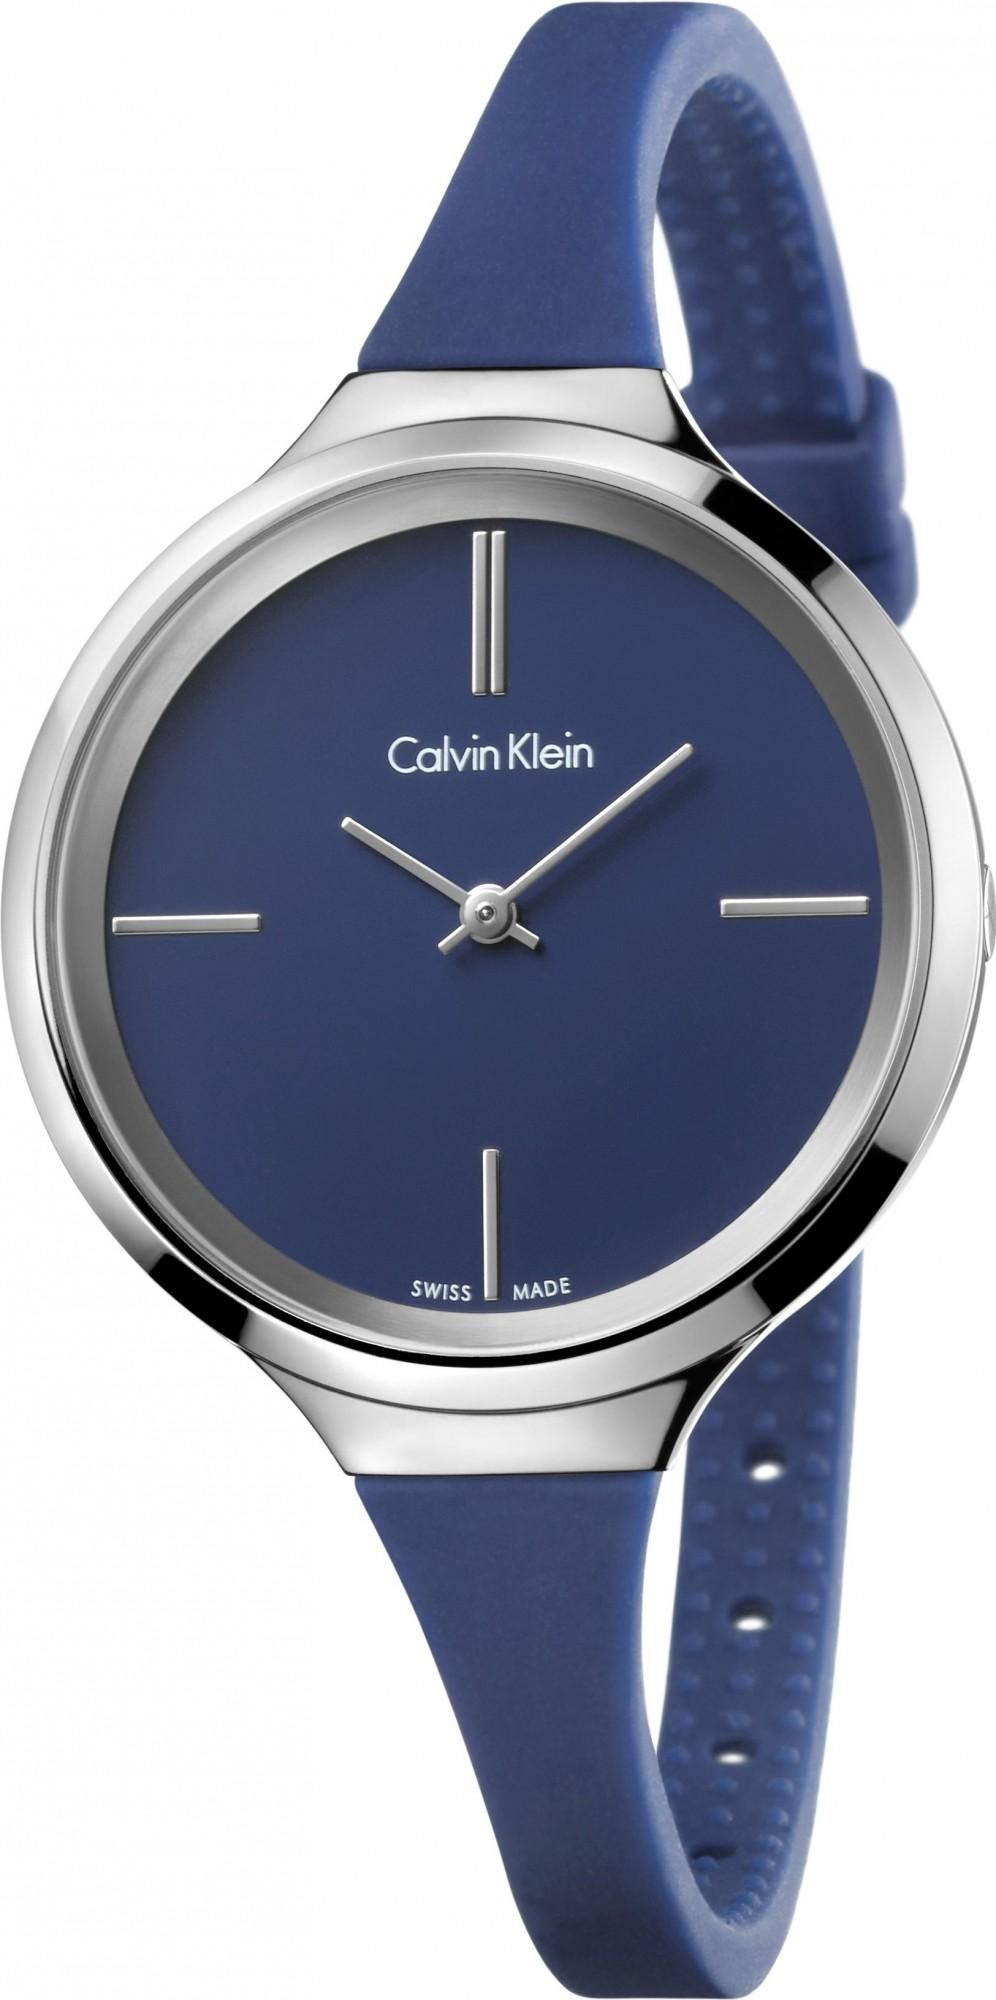 Часы Calvin klein - купить мужские и женские часы